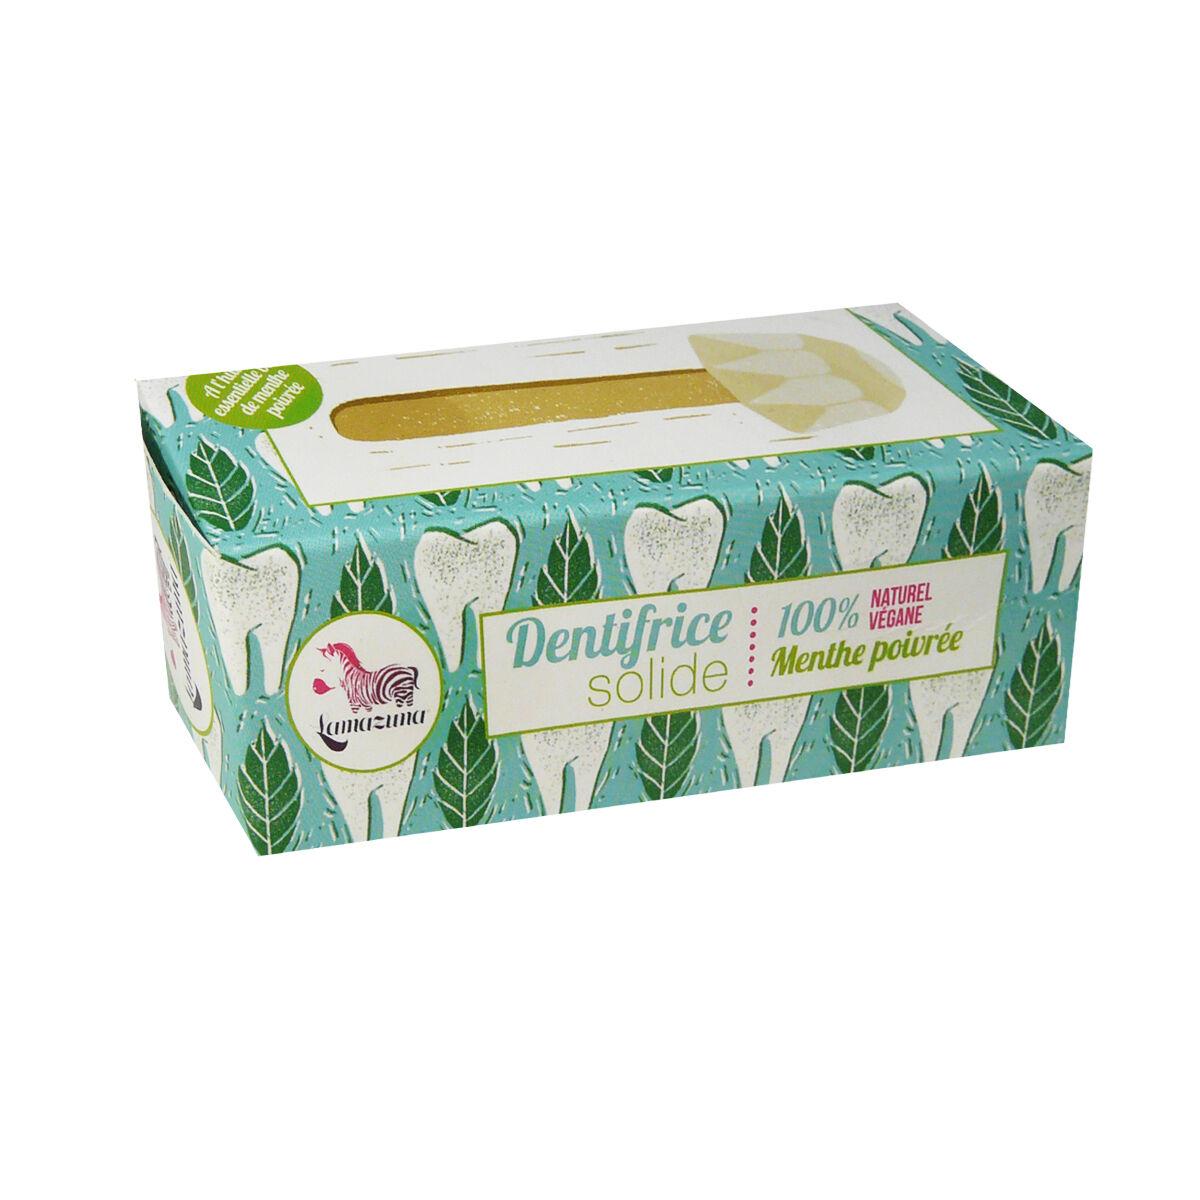 Lamazuna dentifrice solide 100% vegane menthe poivree 17 g